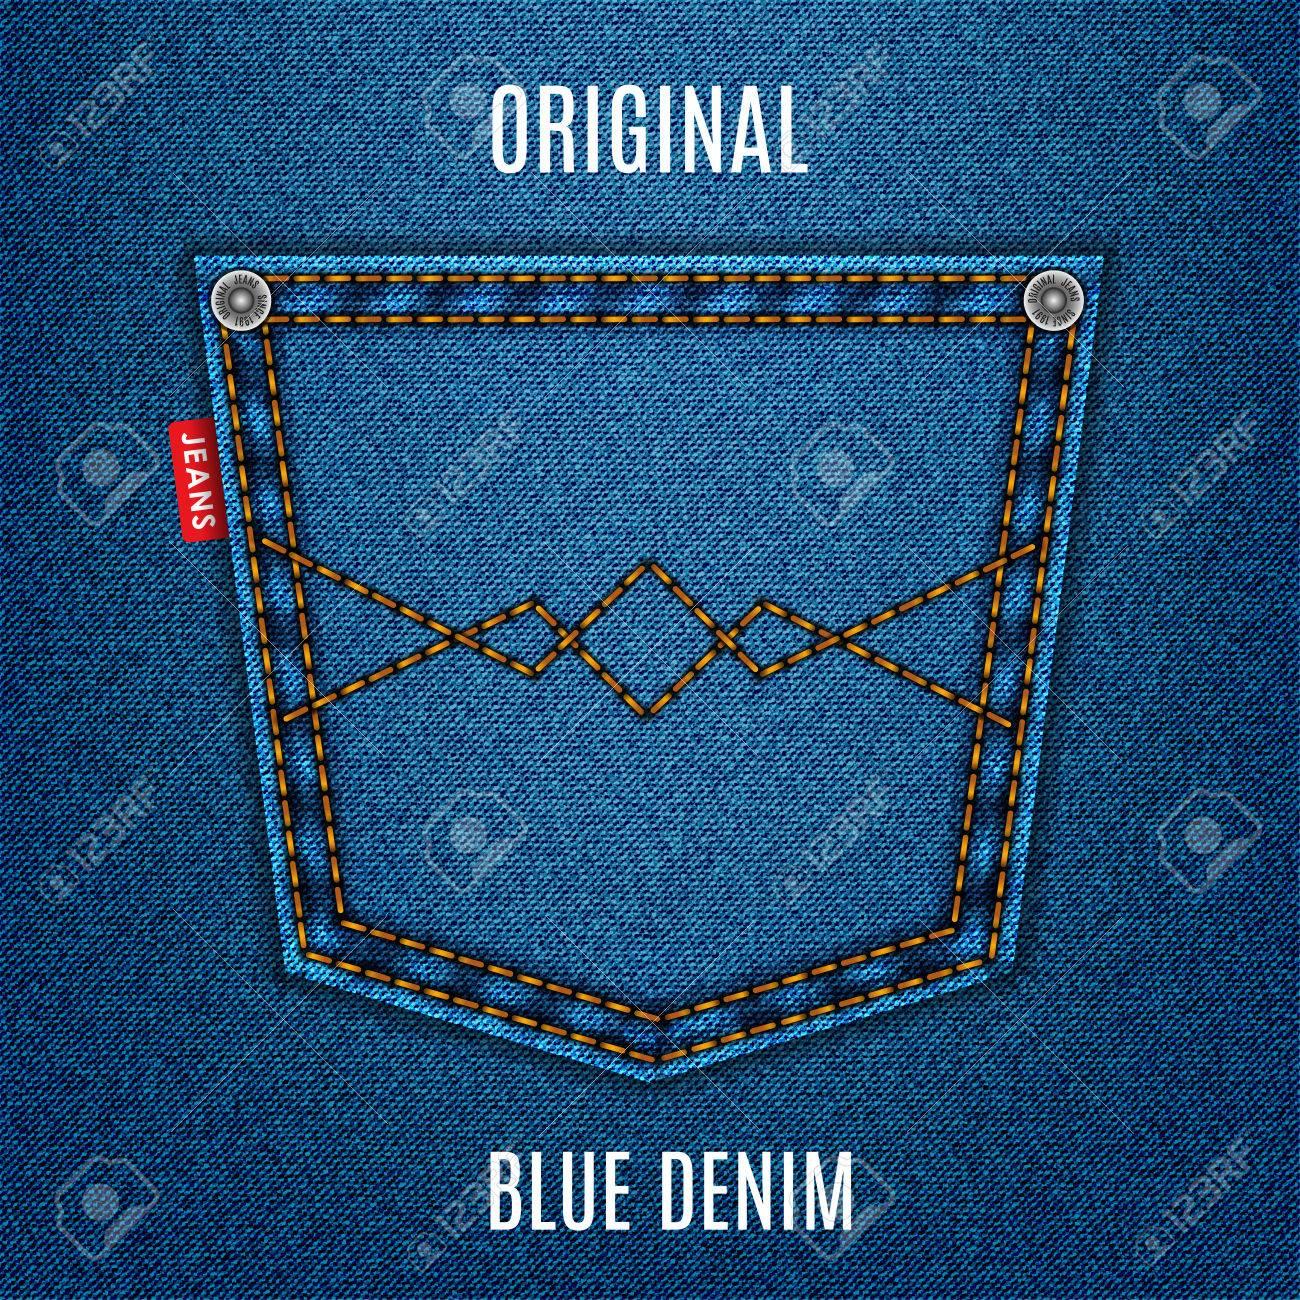 54c4b8498 Blue jeans textura de la tela con el fondo de mezclilla bolsillo.  ilustración stock vectorial